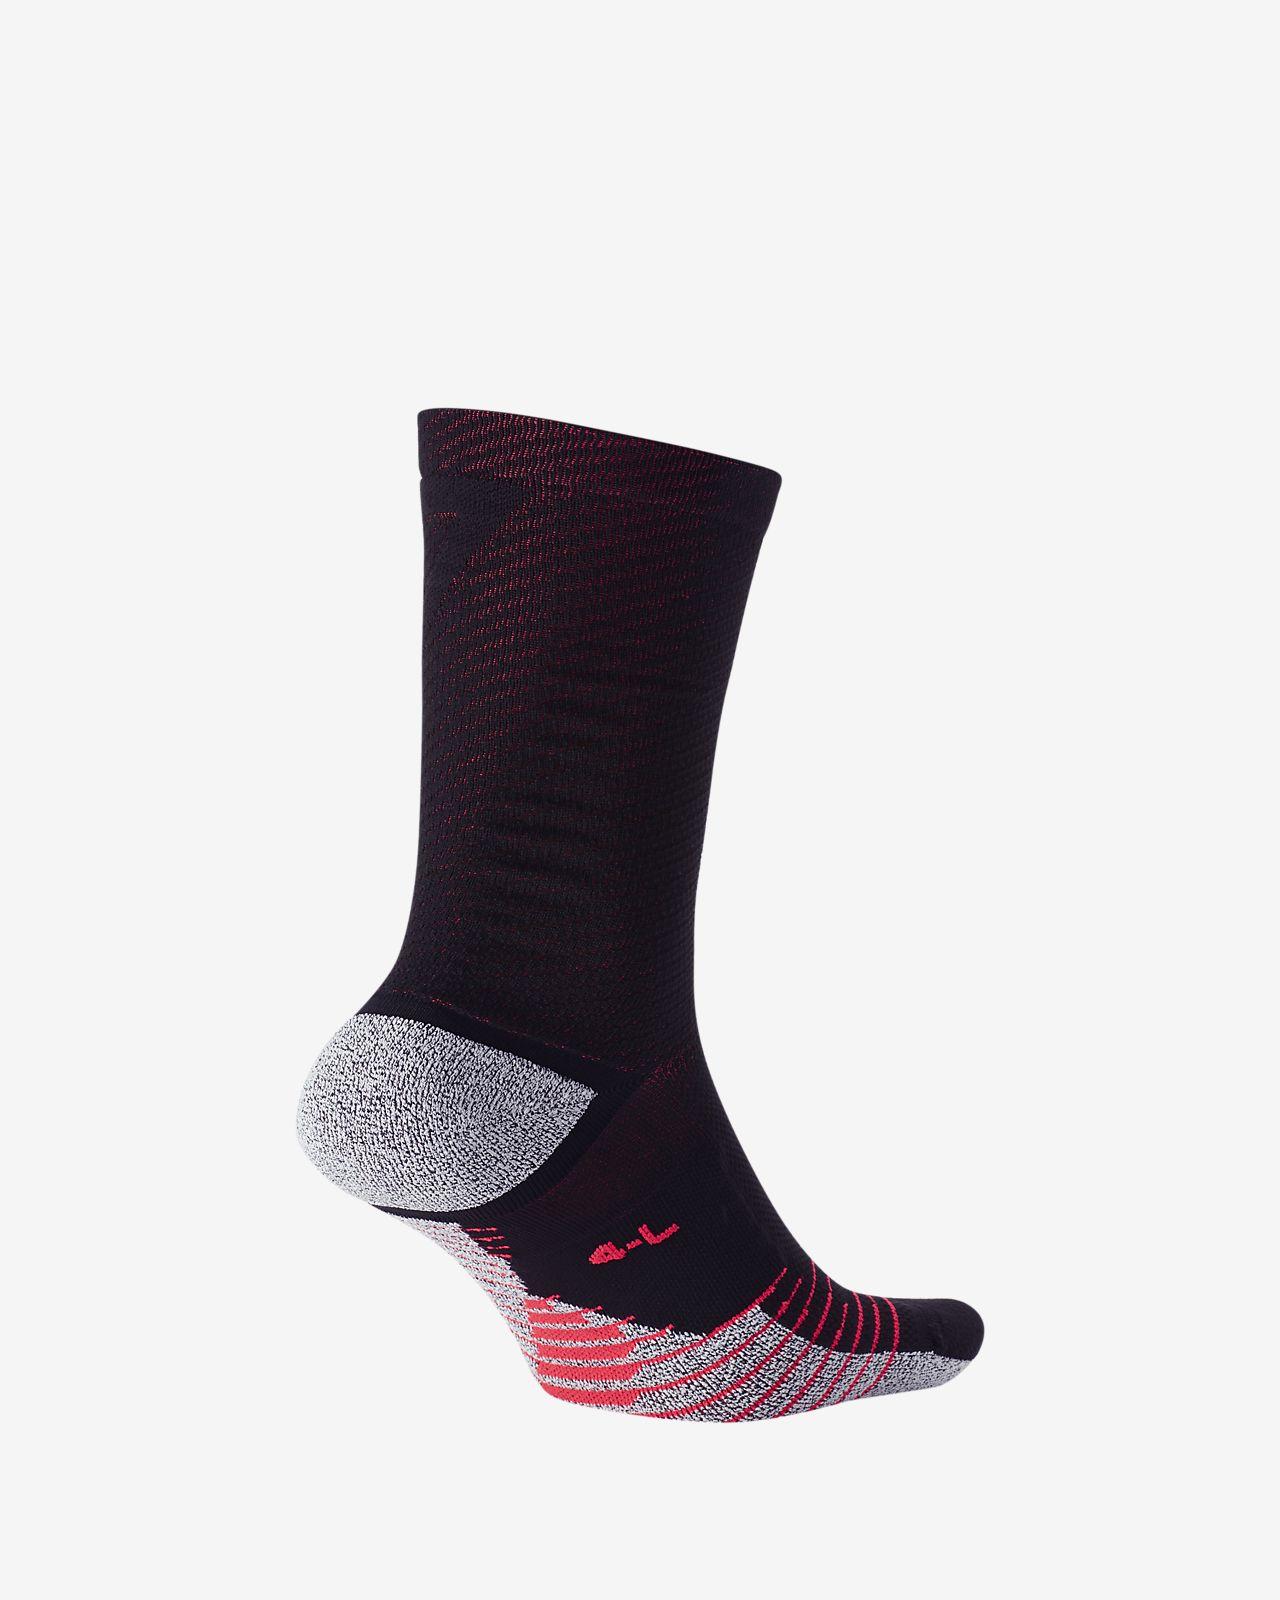 NikeGrip CR7 Mitjons alts i estampats de futbol